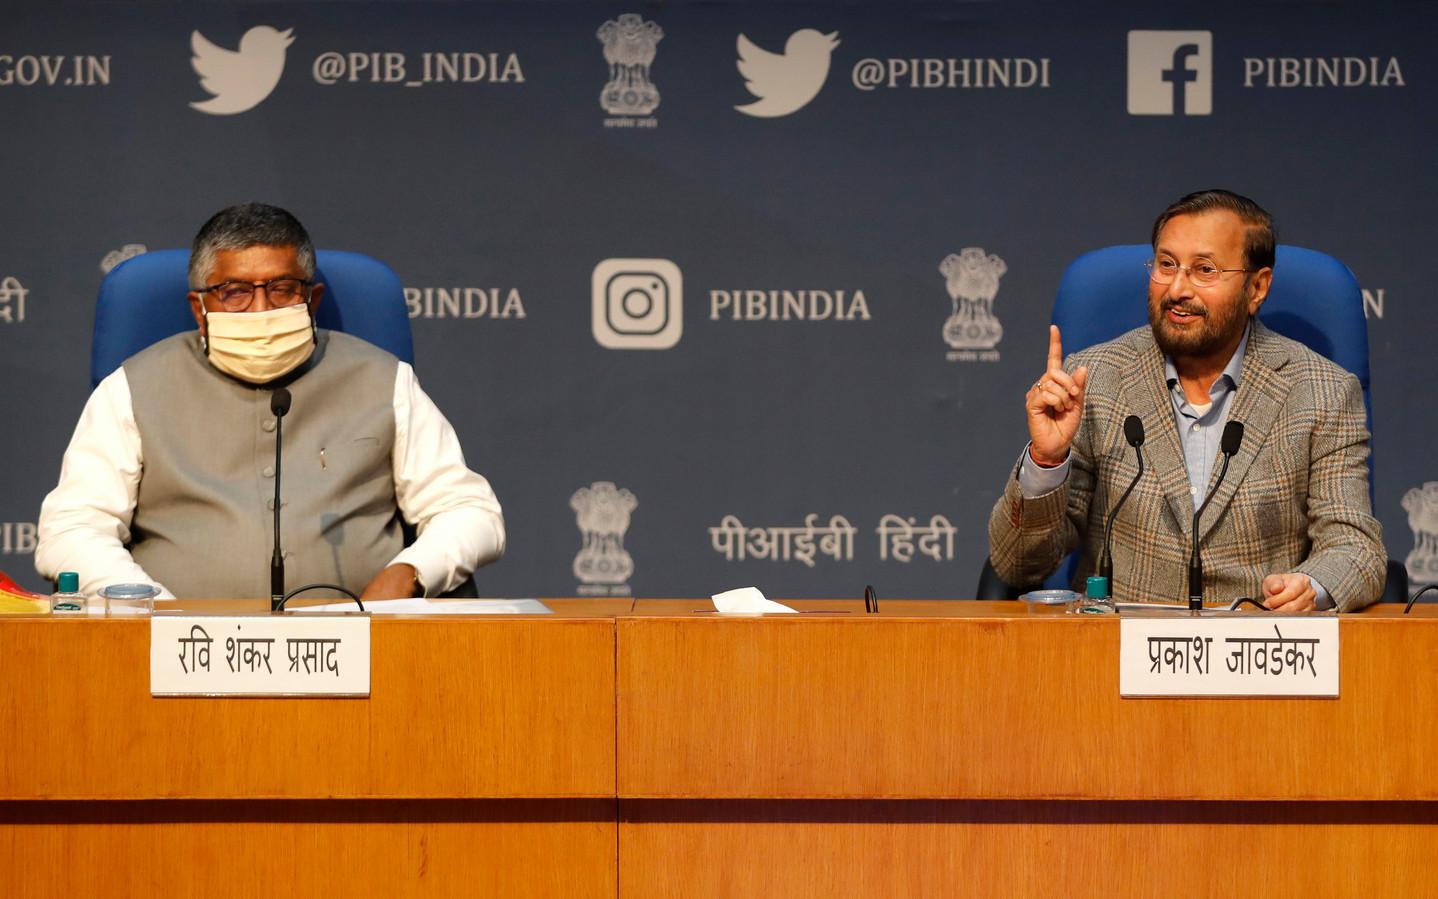 De Indiase ministers Ravi Shankar Prasad (links) en Prakash Javadekar vertellen tijdens een persconferentie eind mei over de nieuwe regels voor sociale media.